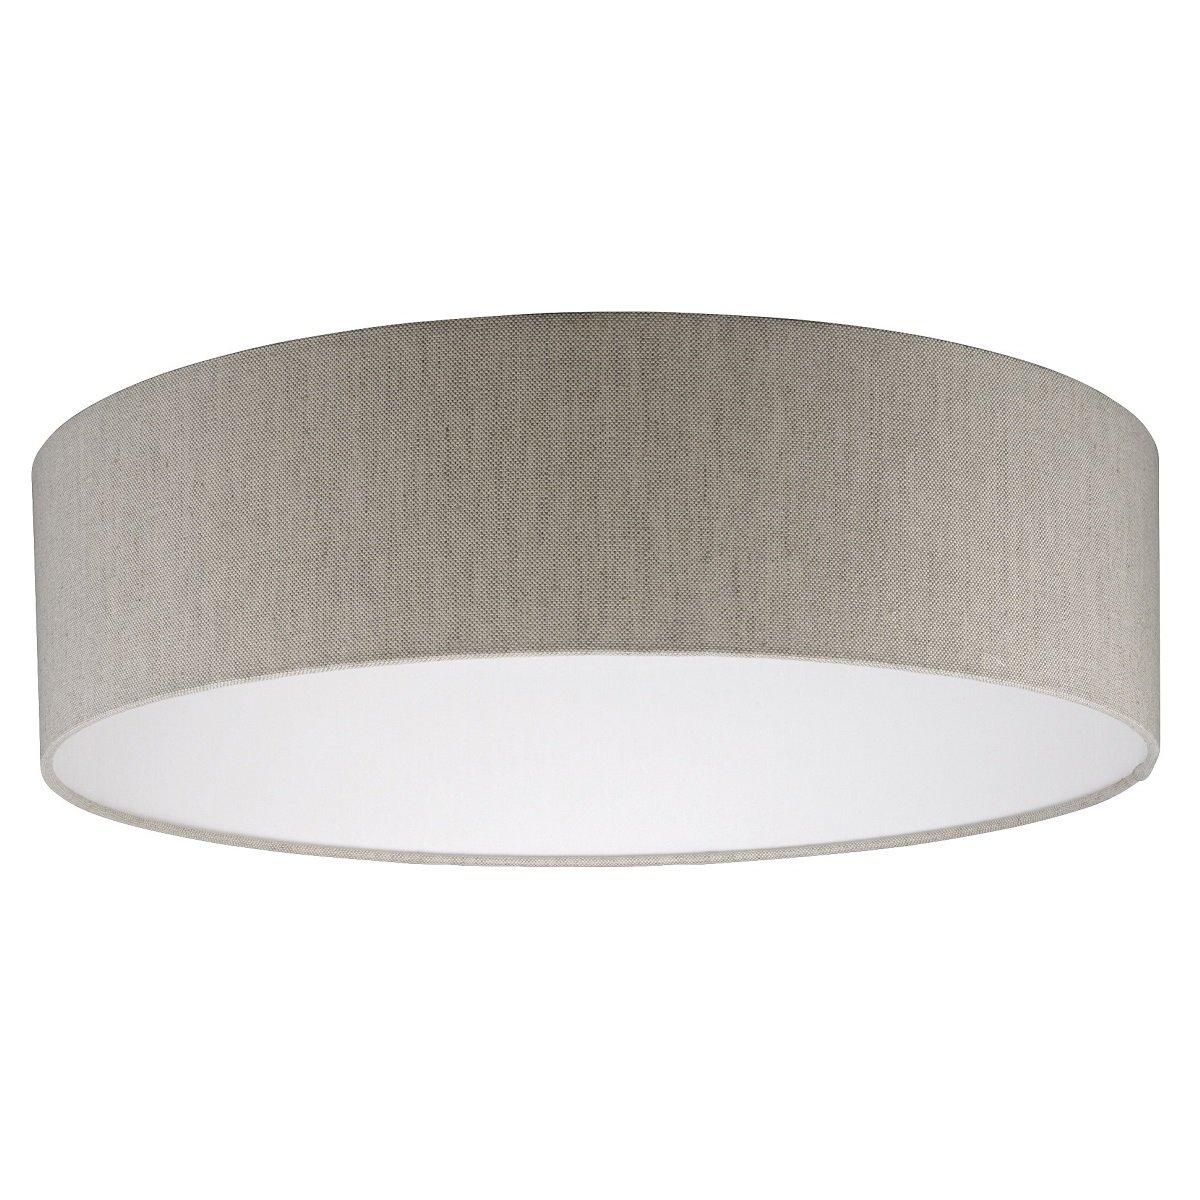 Fischer Leuchten Lampenschirm No 29860 Stoff Leinen Sandfarben 50